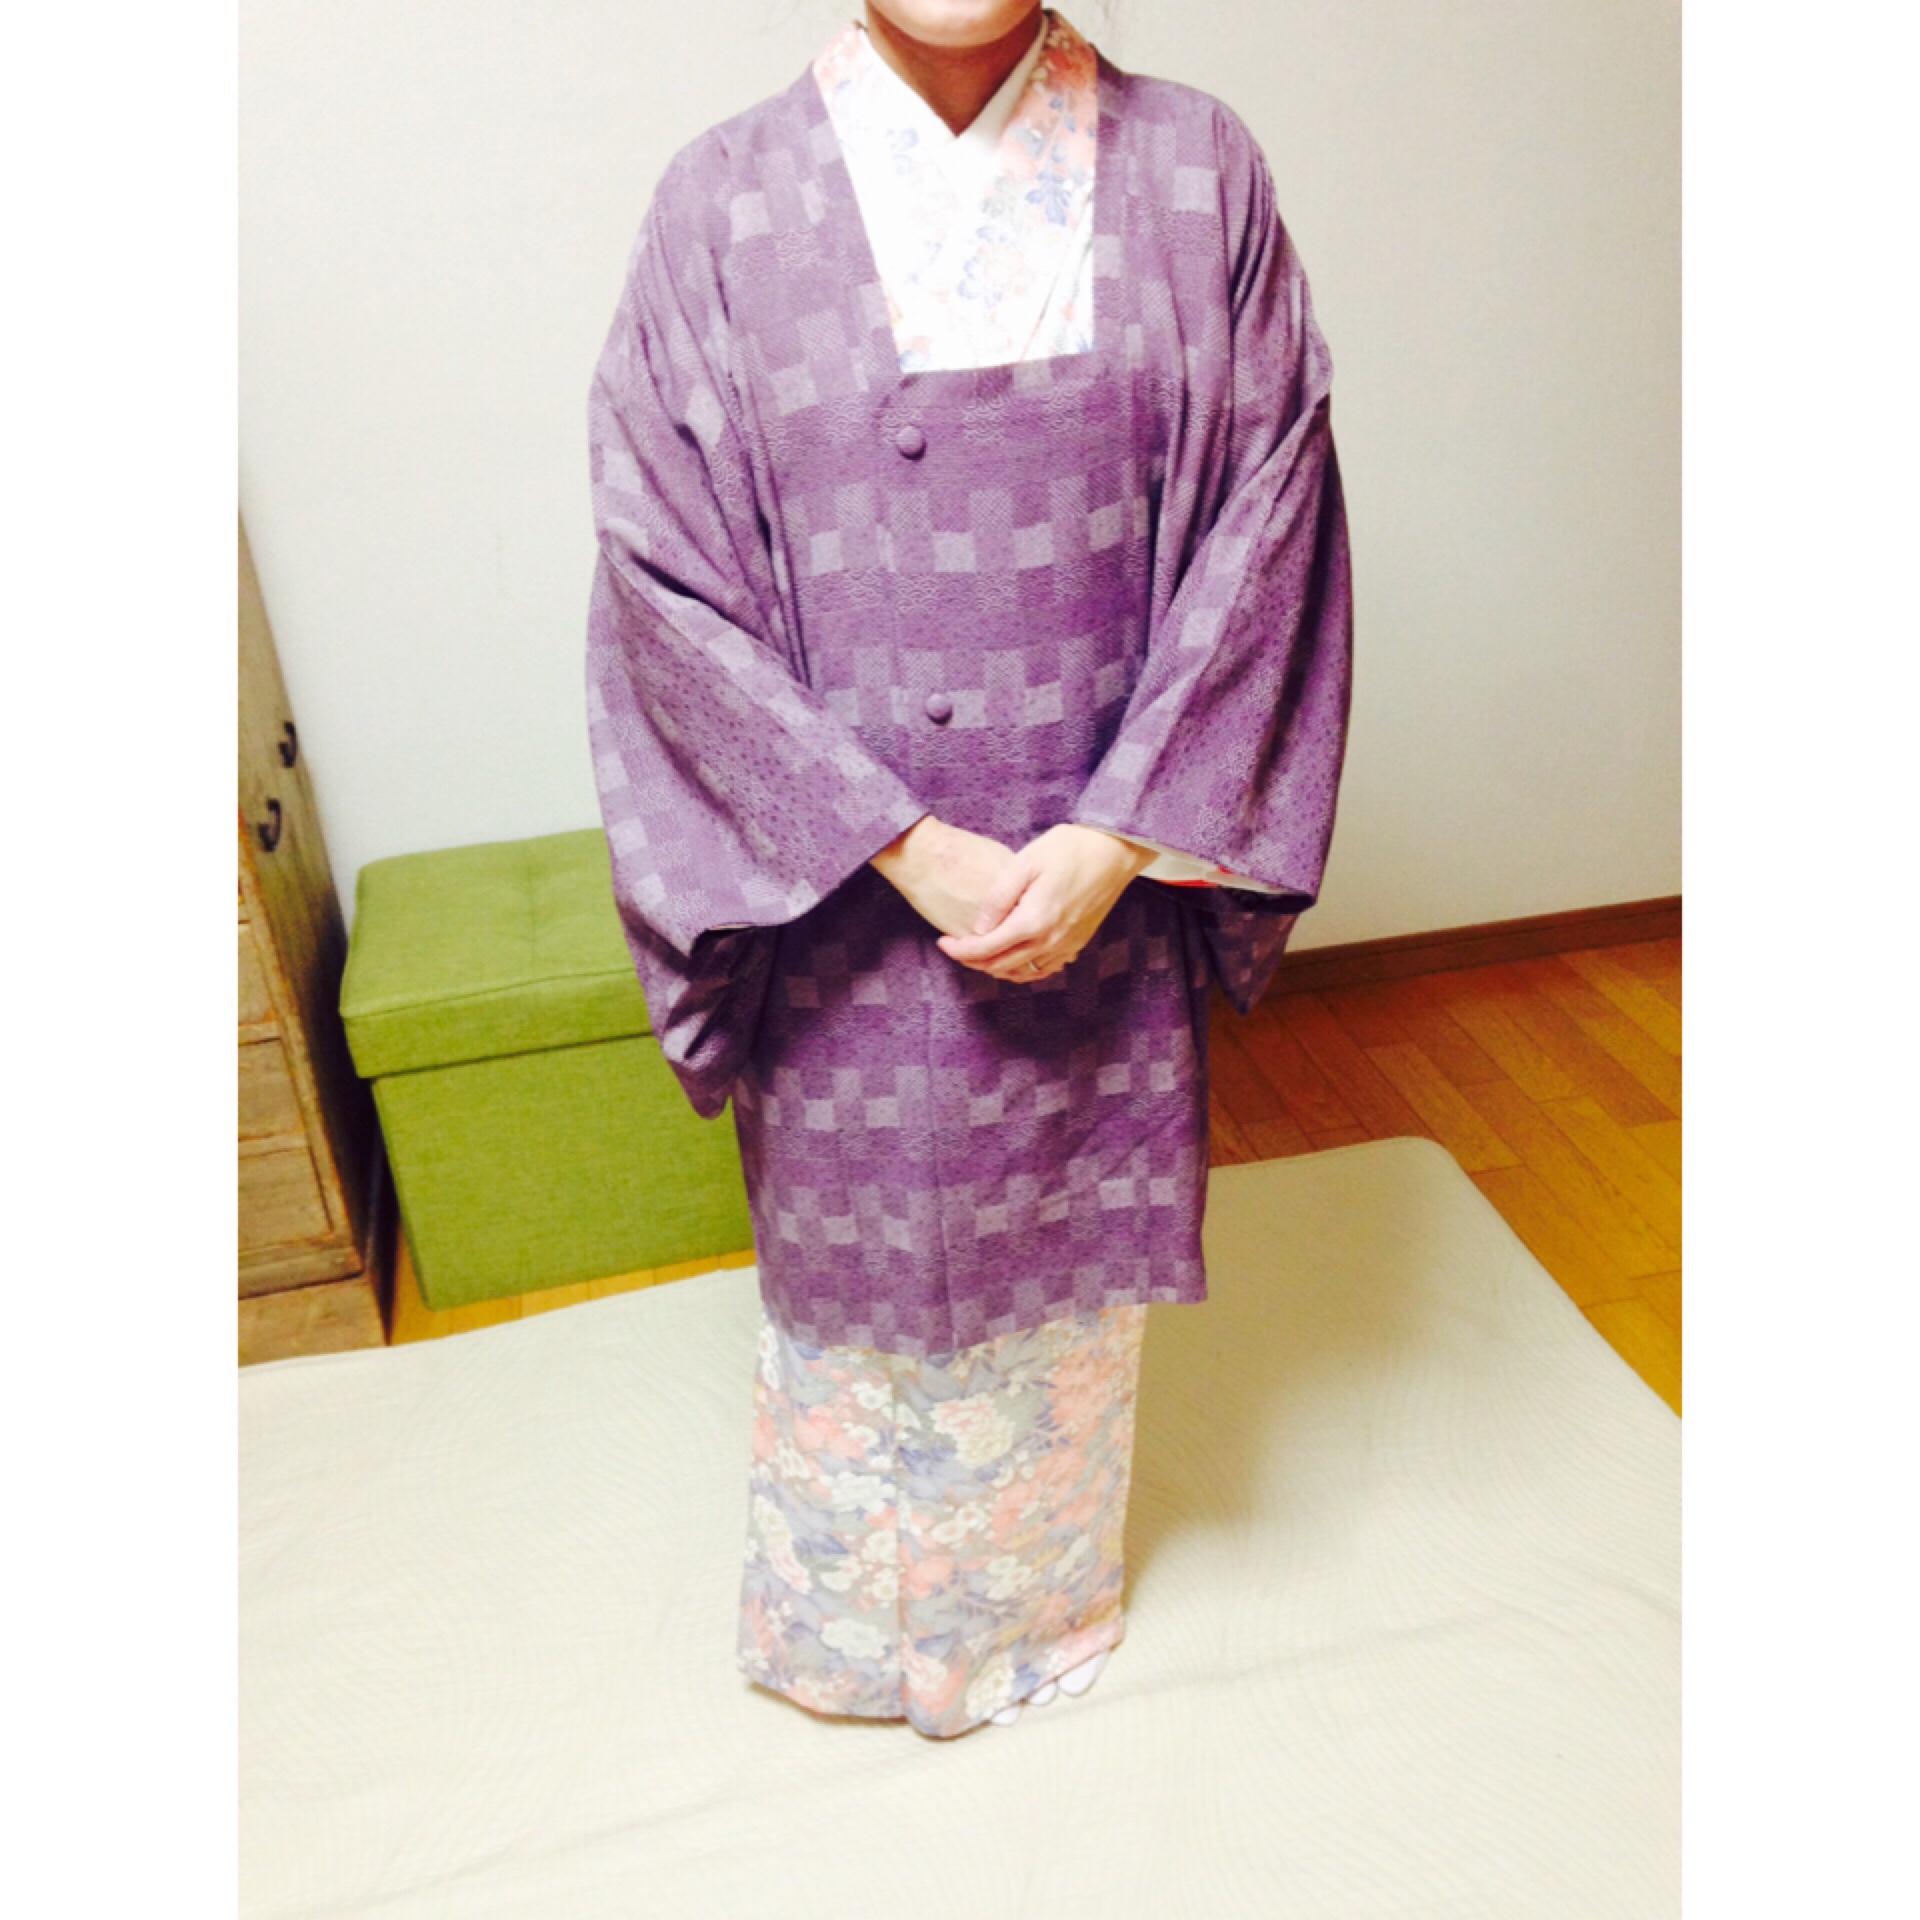 基本コース&礼装4回コース卒業されました!【大阪京橋の着付け教室きものたまより】